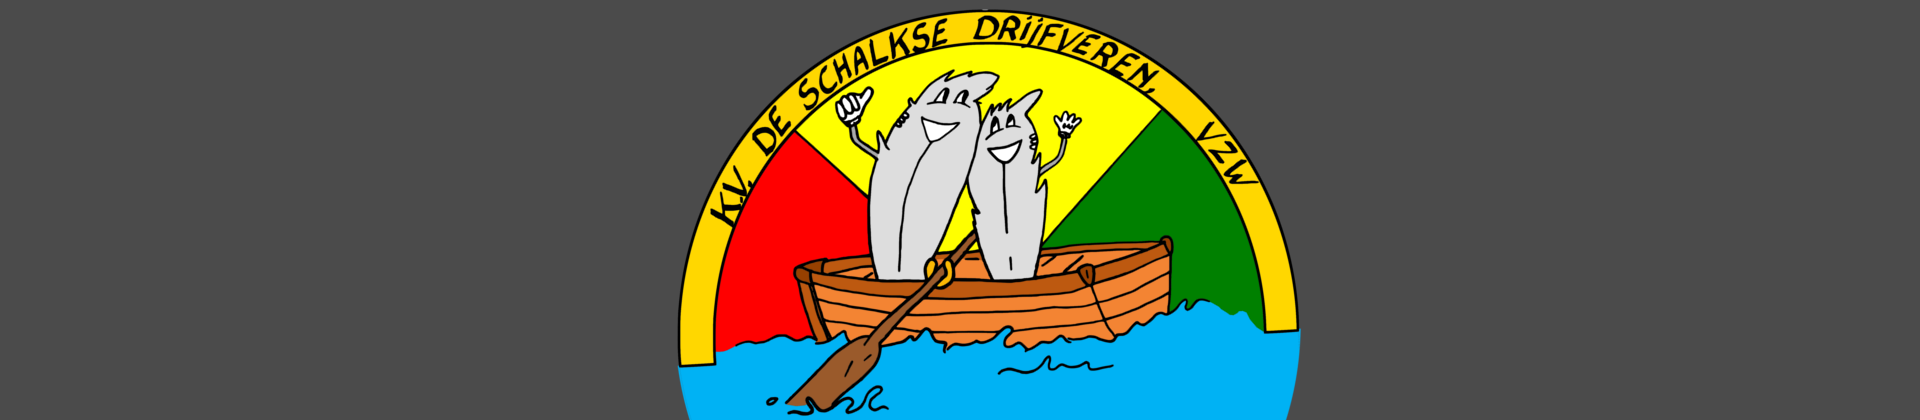 KV De Schalkse Drijfveren, vzw